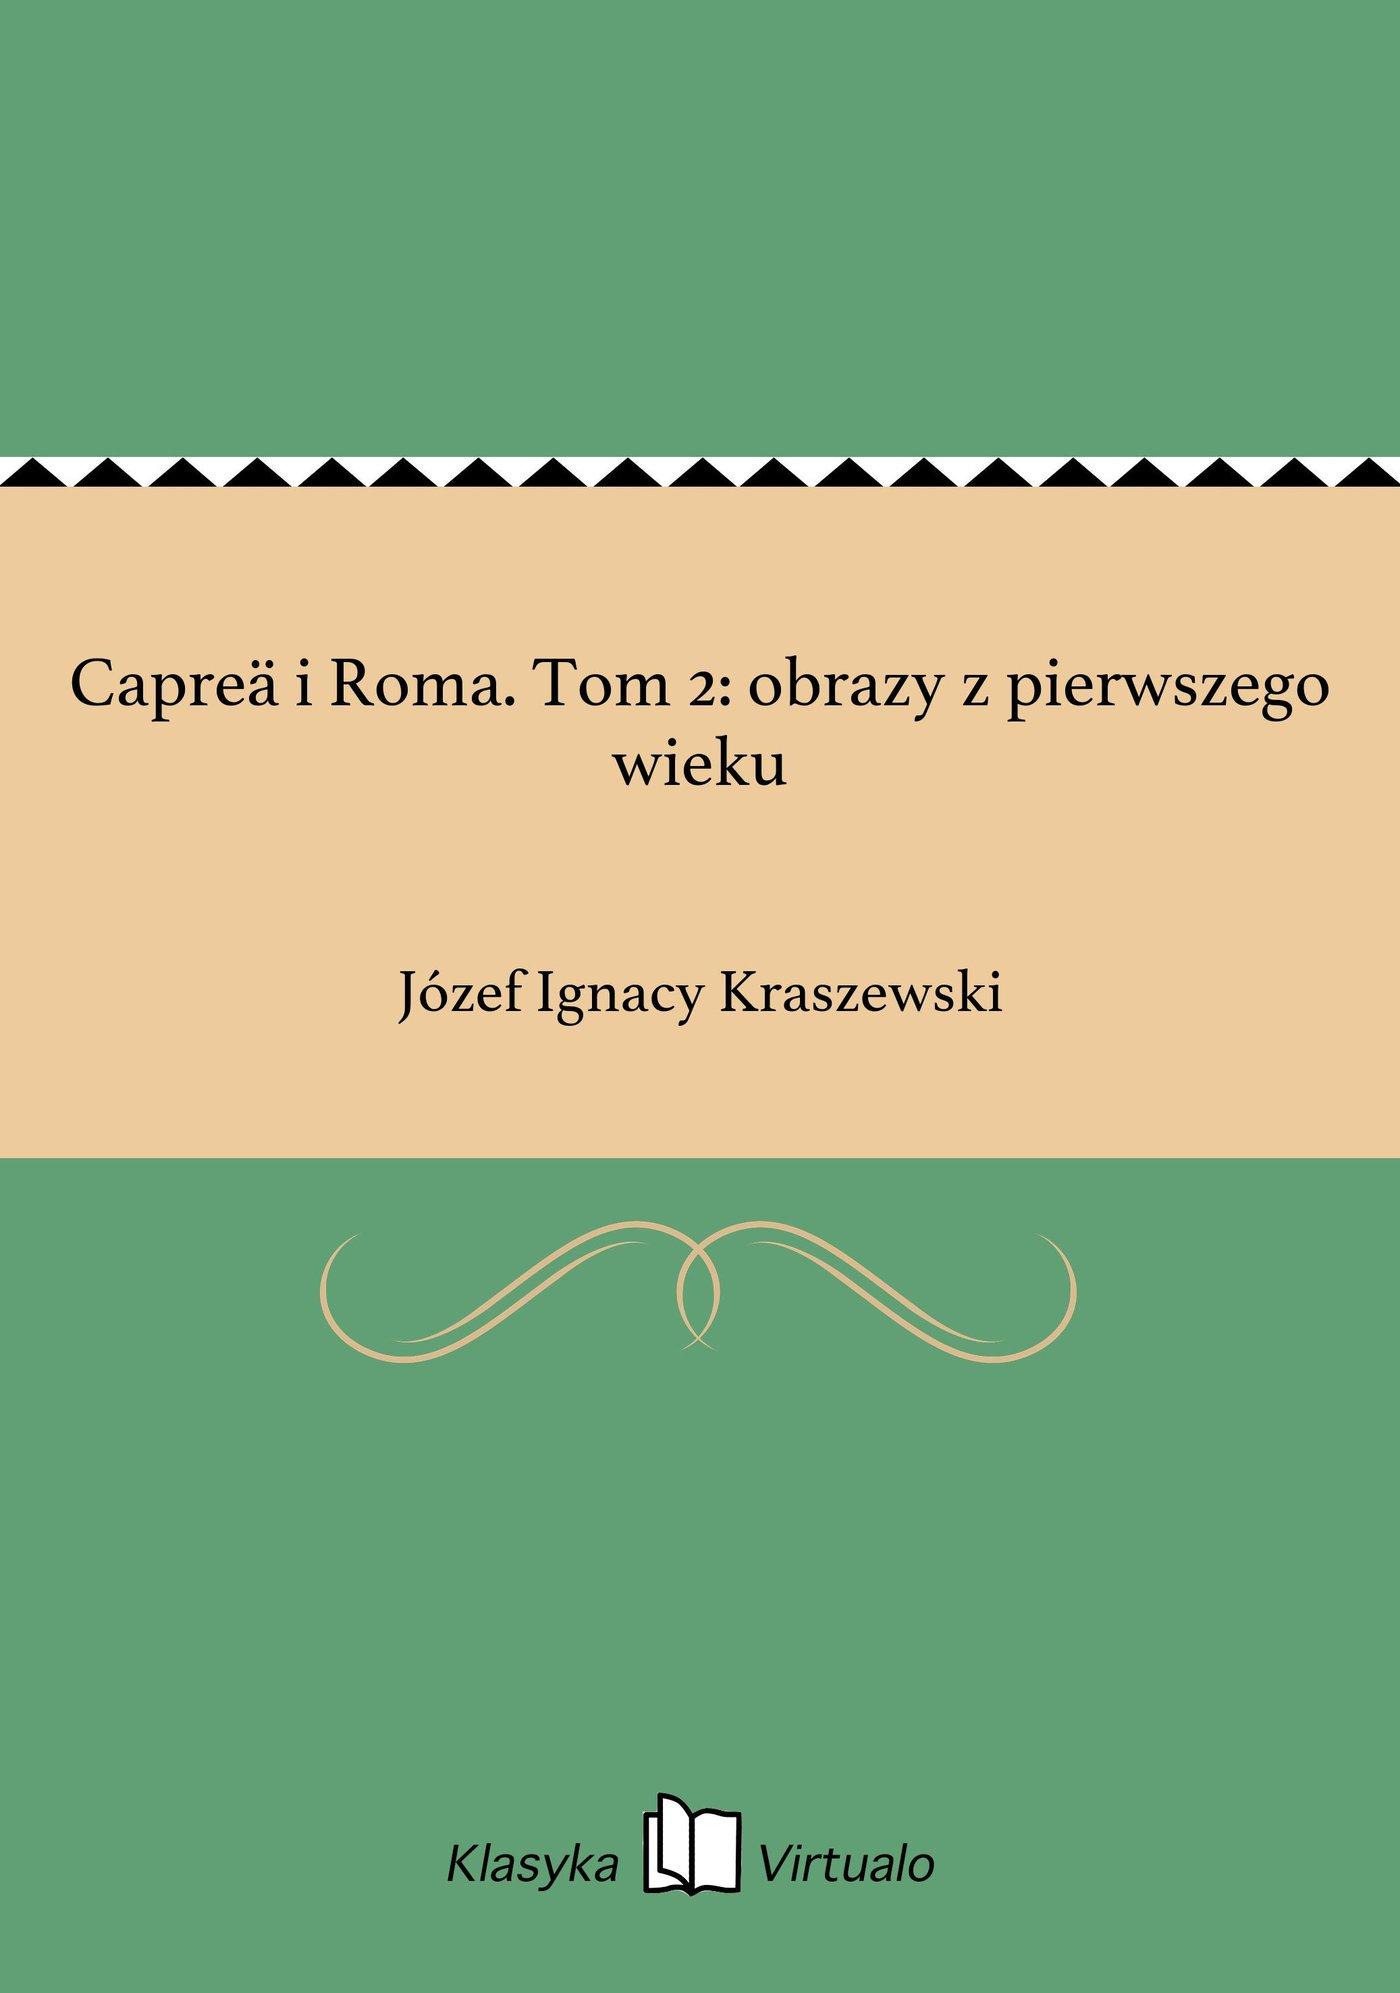 Capreä i Roma. Tom 2: obrazy z pierwszego wieku - Ebook (Książka EPUB) do pobrania w formacie EPUB